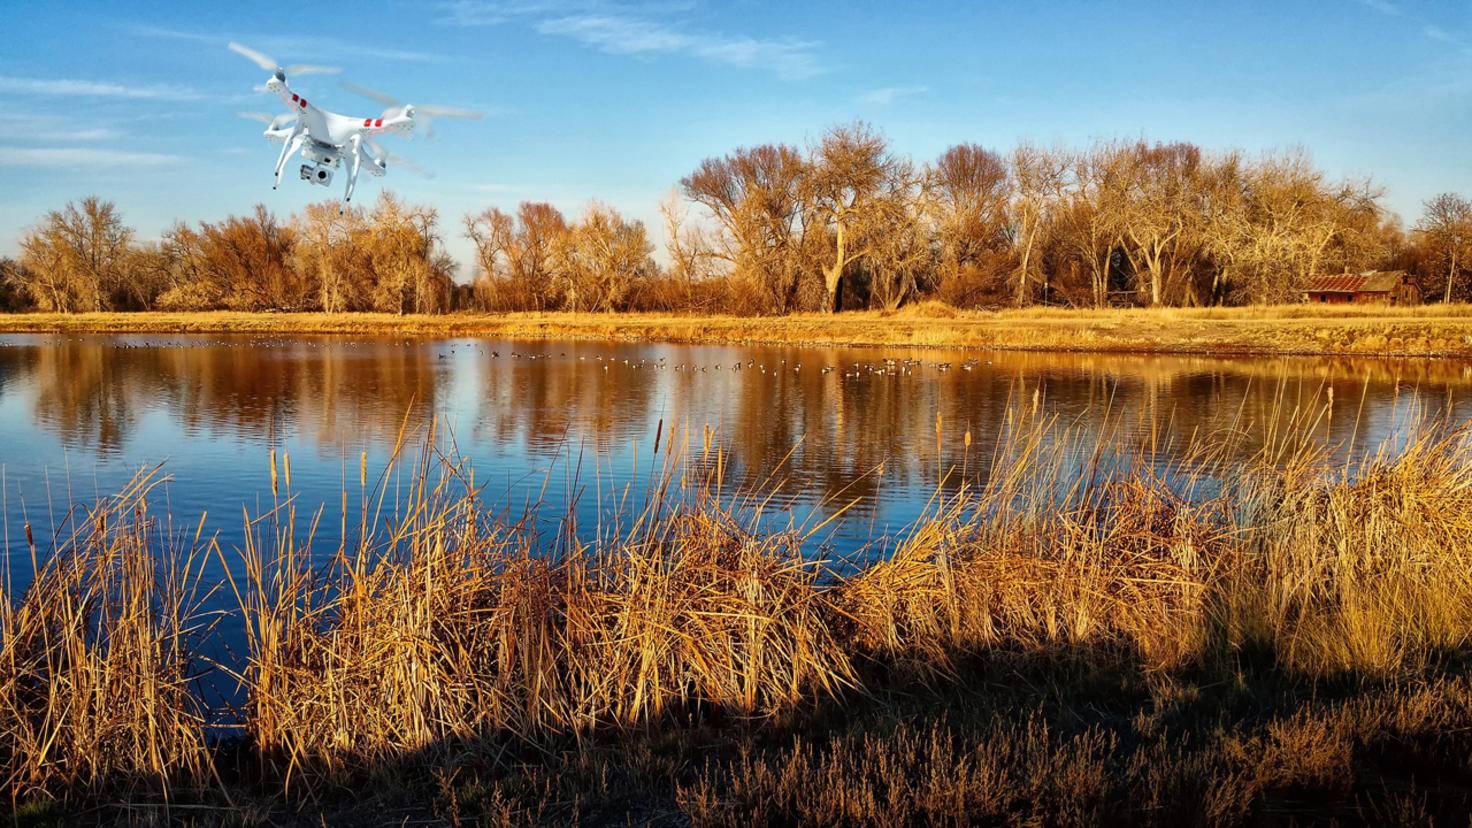 Bevor Du Dich mit Deiner Drohne auf Wasserflächen wagst, solltest Du auf jeden Fall ausgiebig fliegen üben.